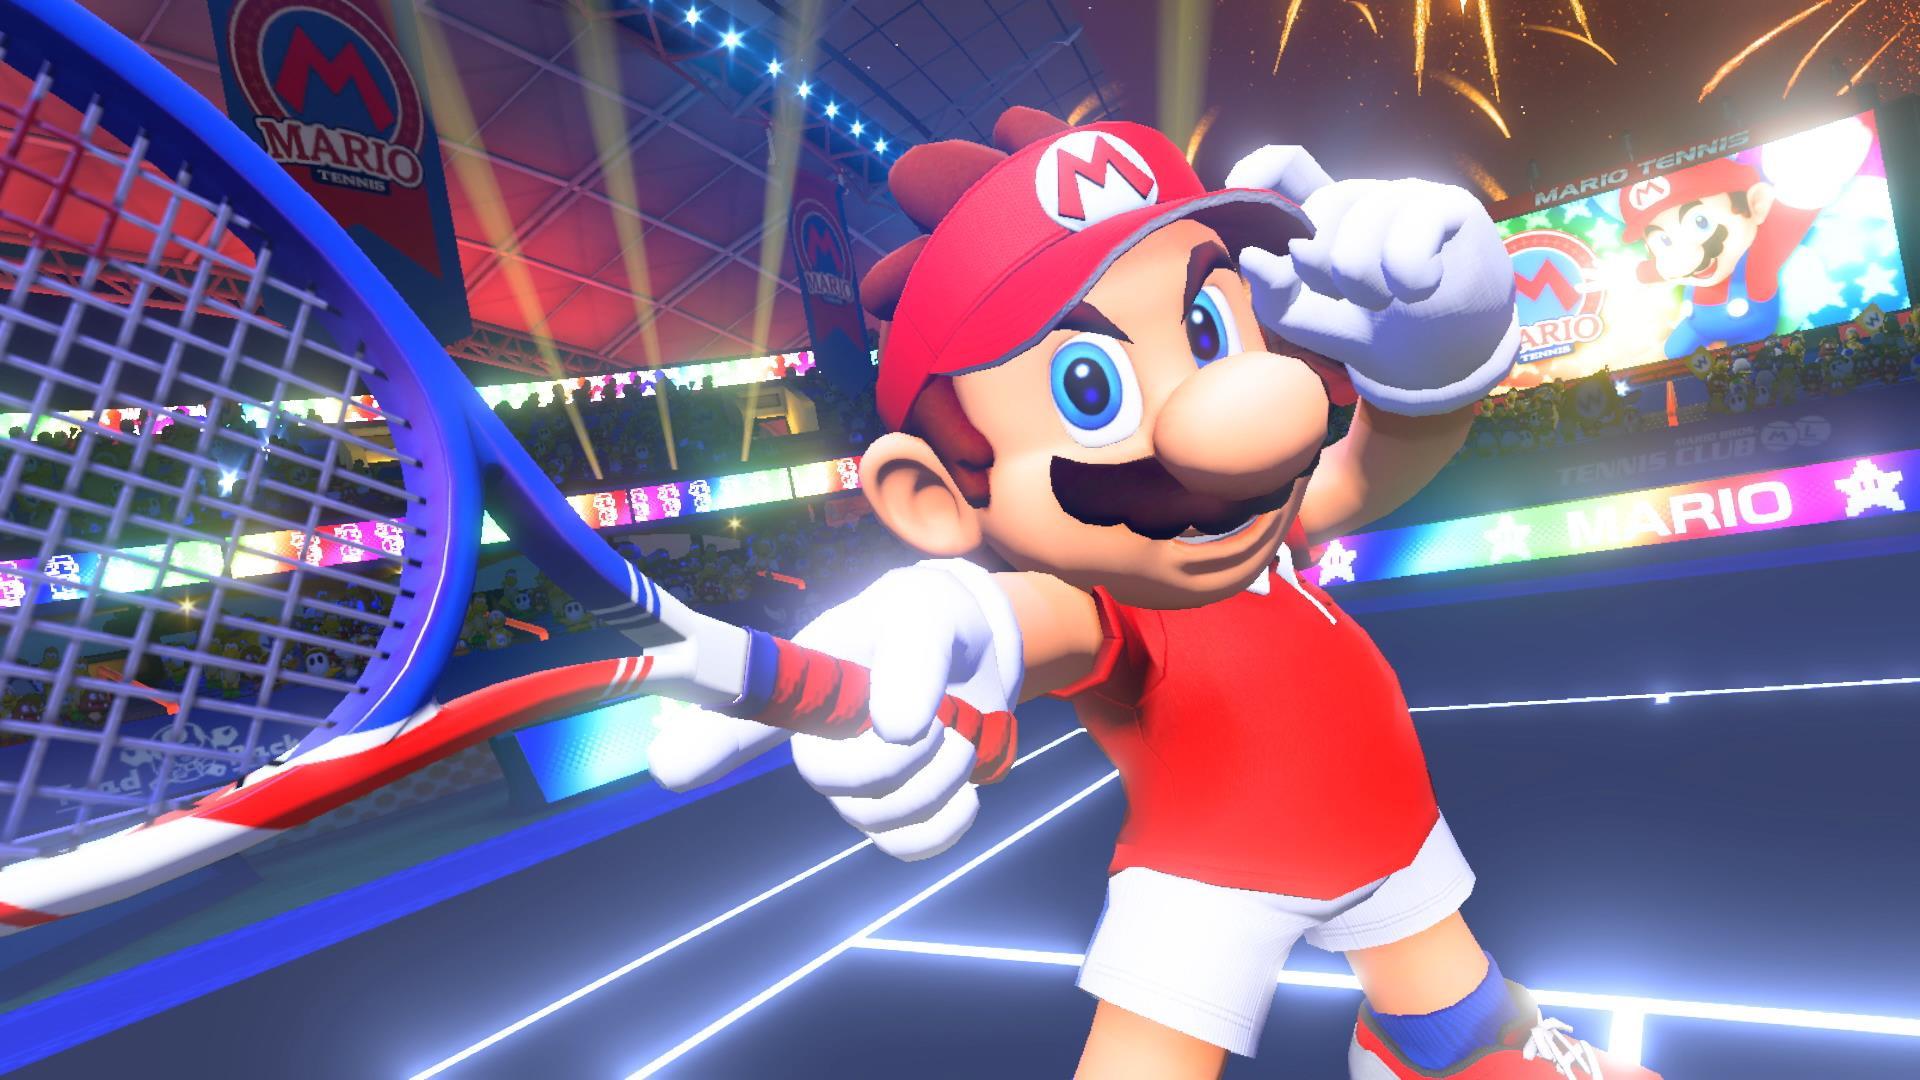 В eShop появилась особая демоверсия Mario Tennis Aces